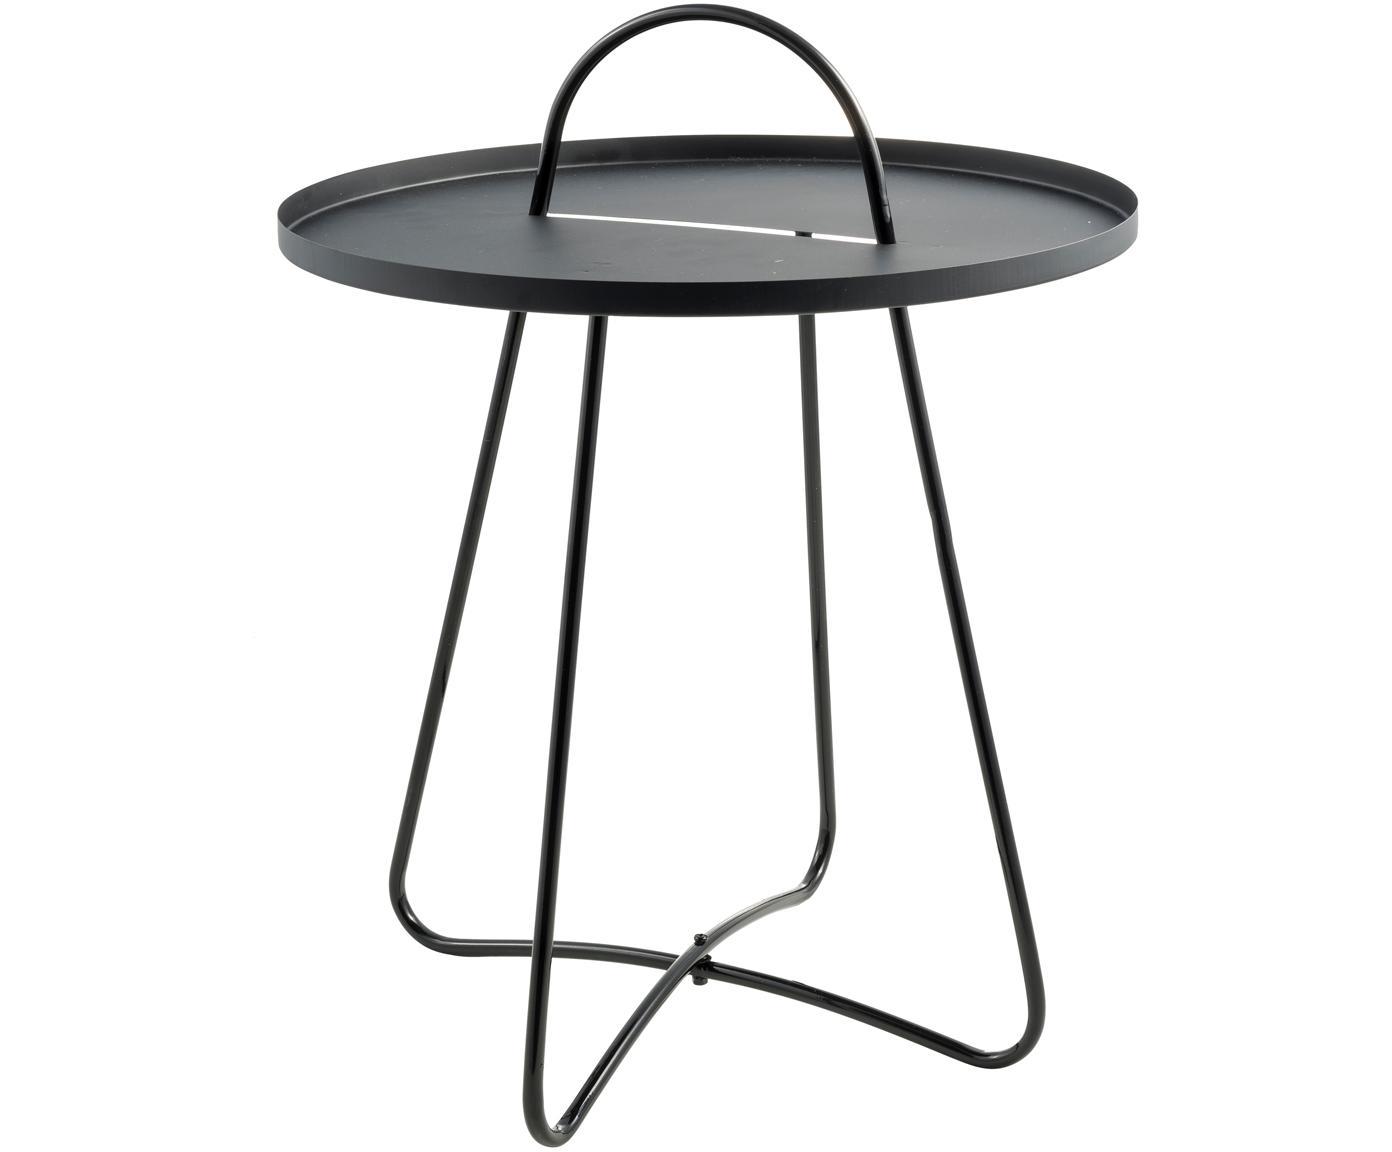 Stolik pomocniczy z metalu Pronto, Metal powlekany, Czarny, Ø 46 x W 58 cm